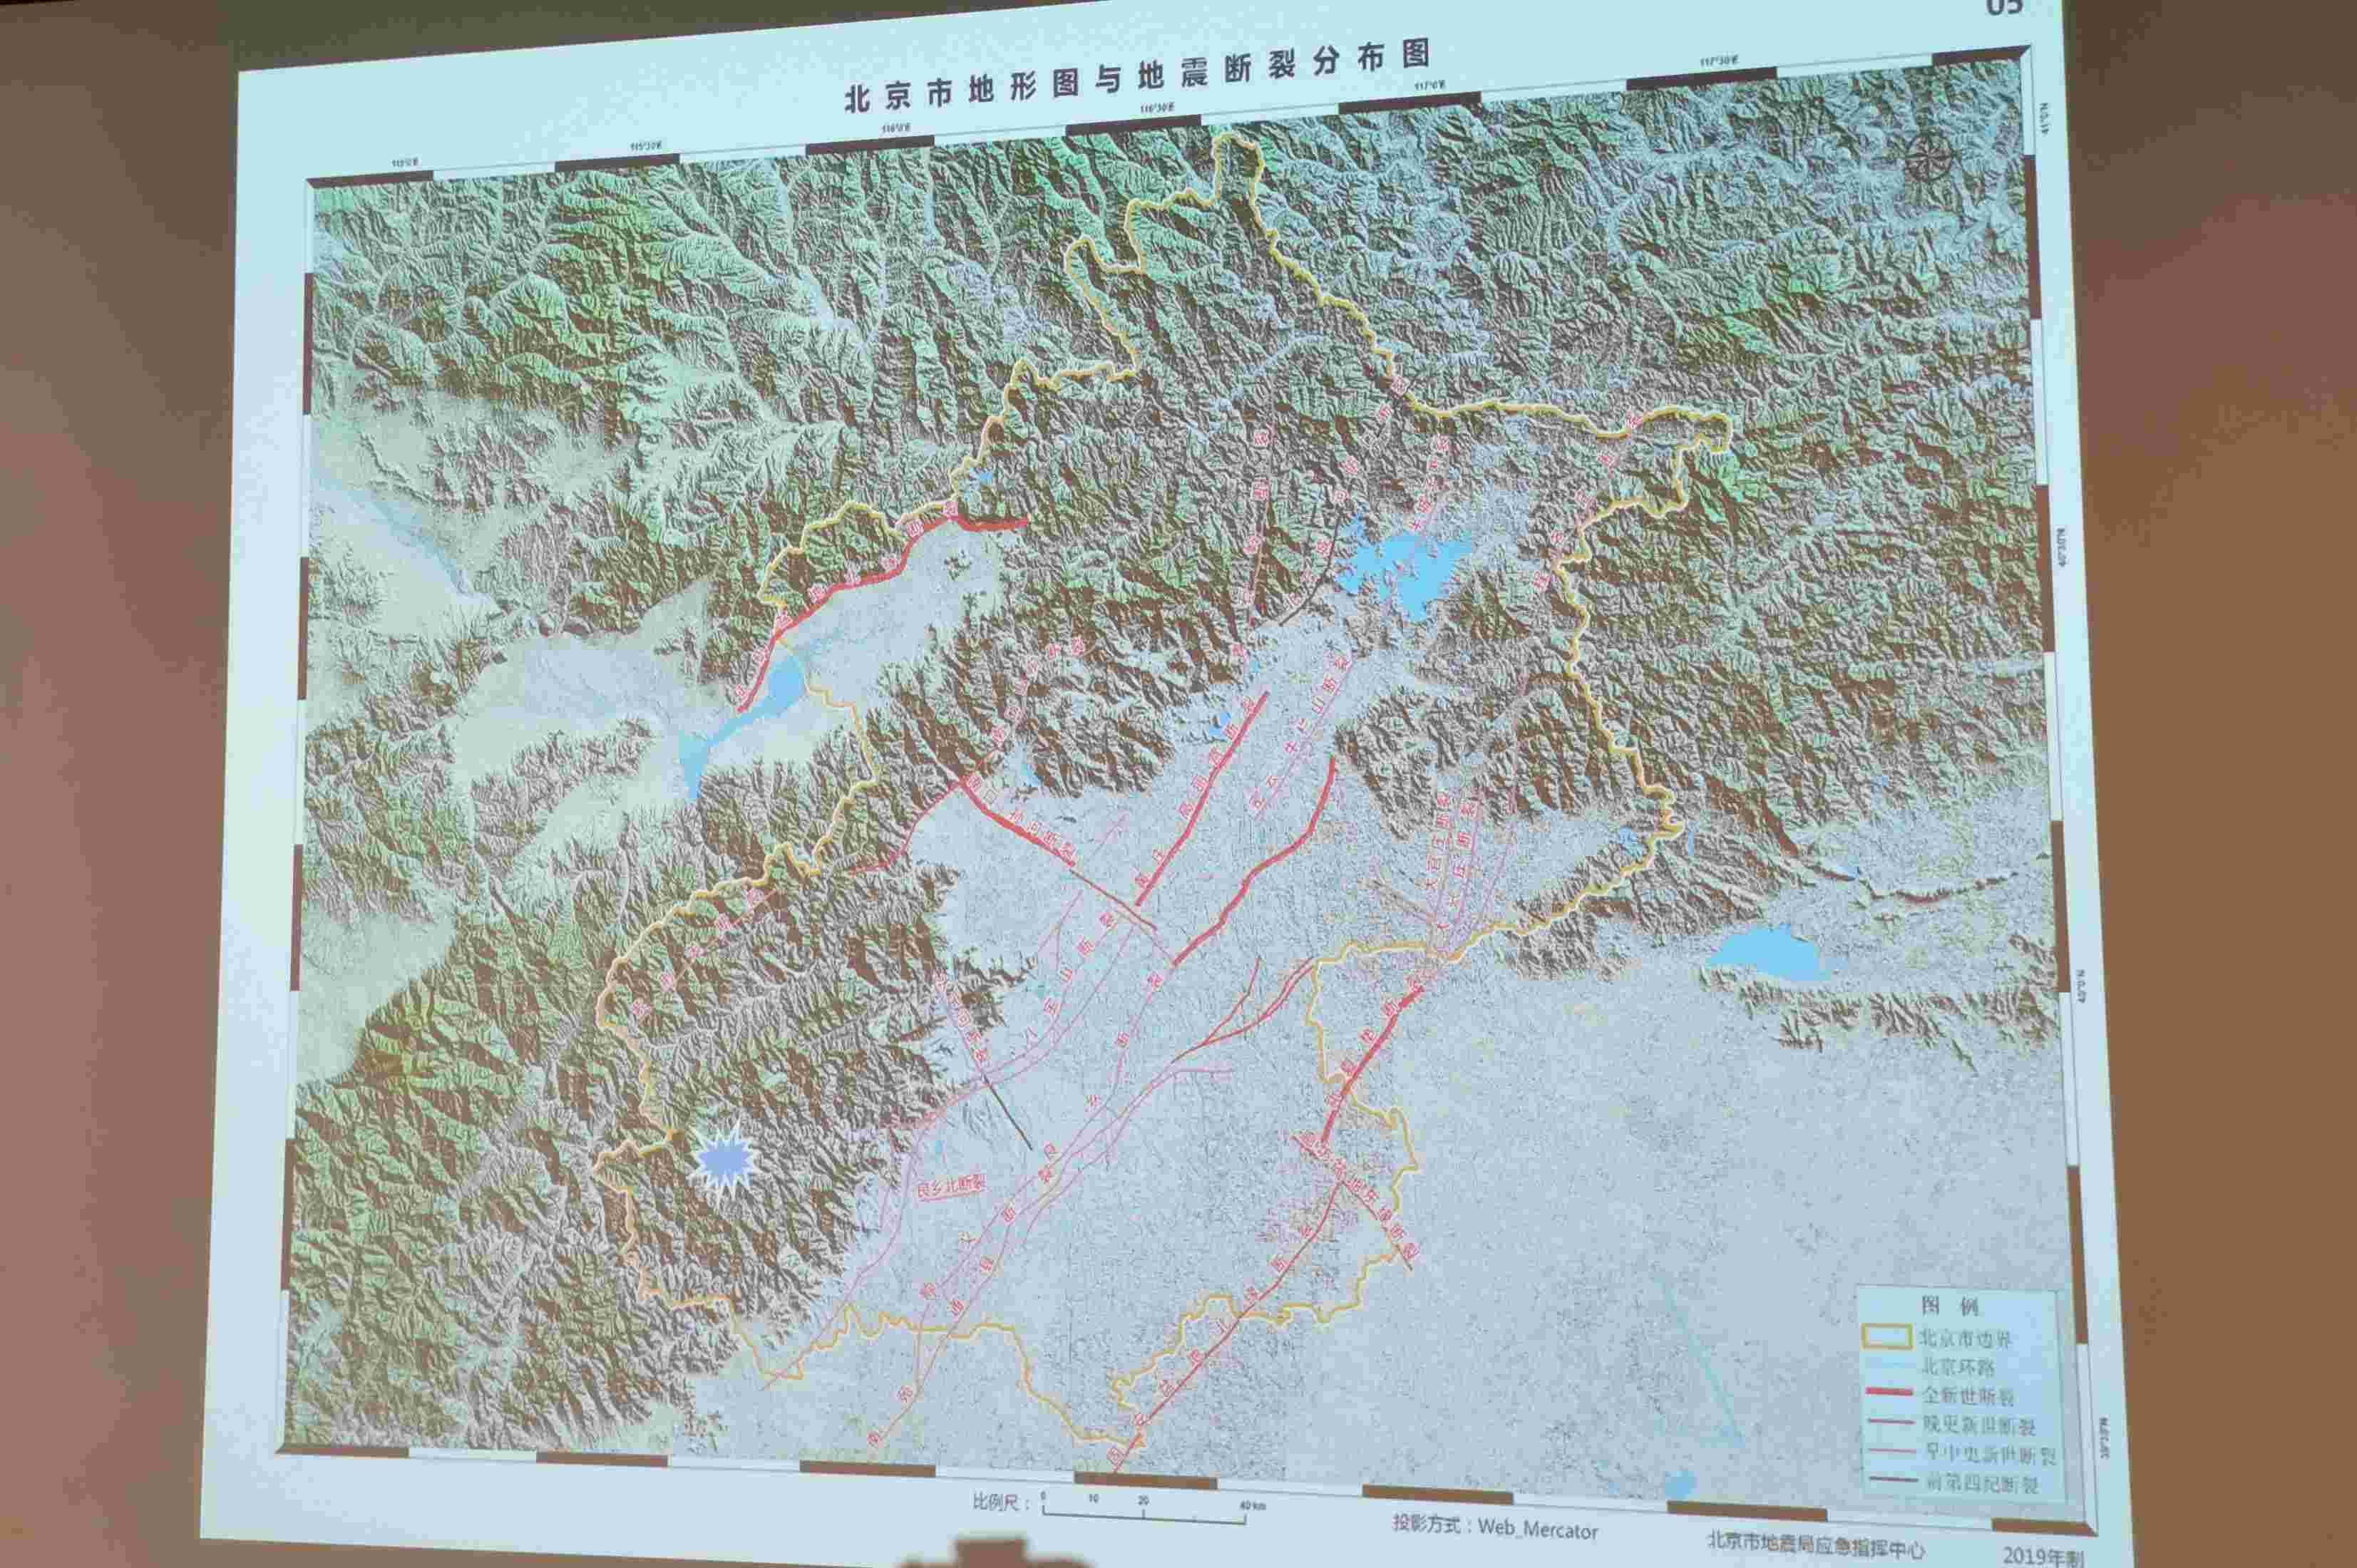 专家解读房山地震:地壳正常运动,该震级通常不造成破坏